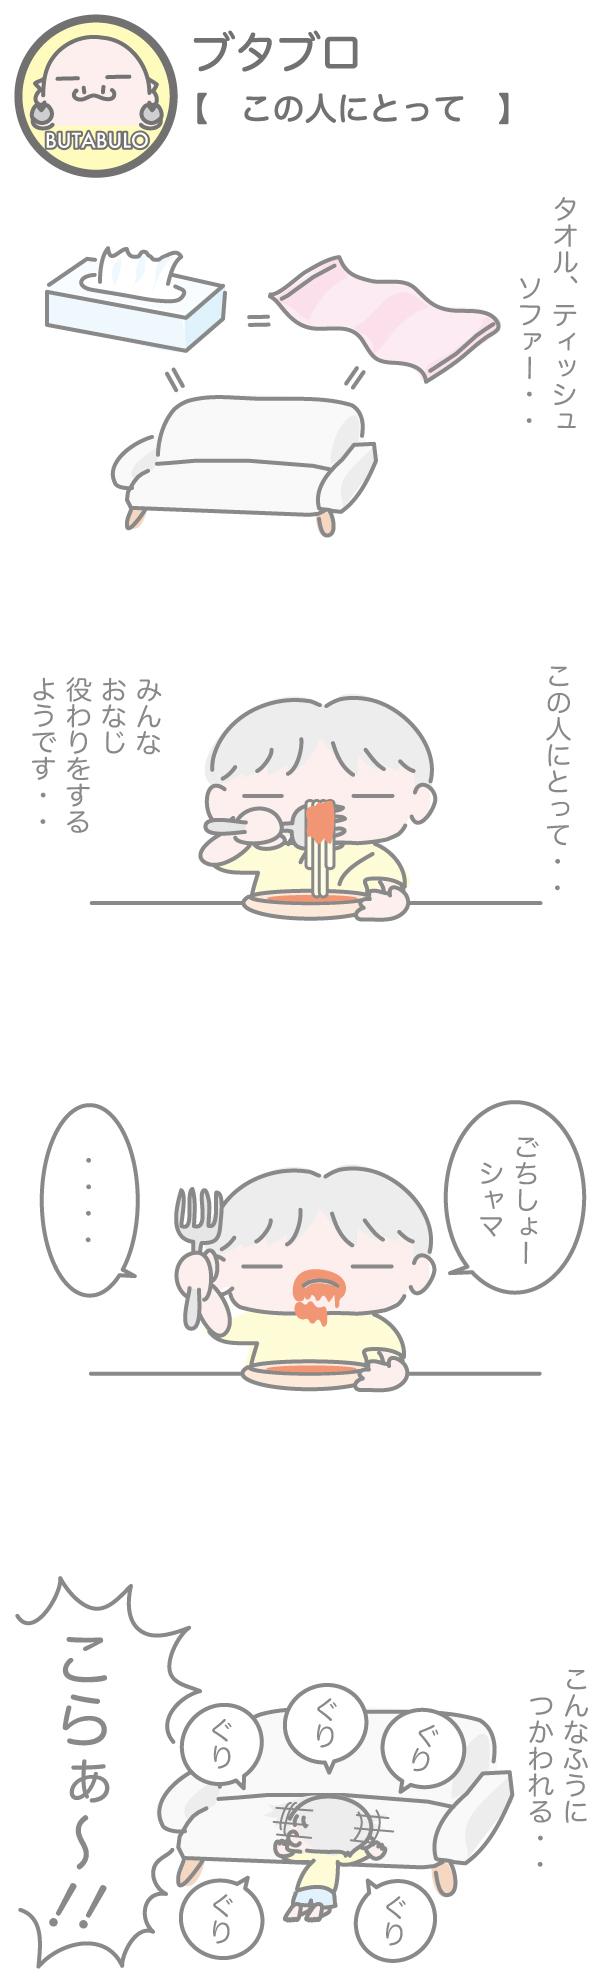 おなじものブログ